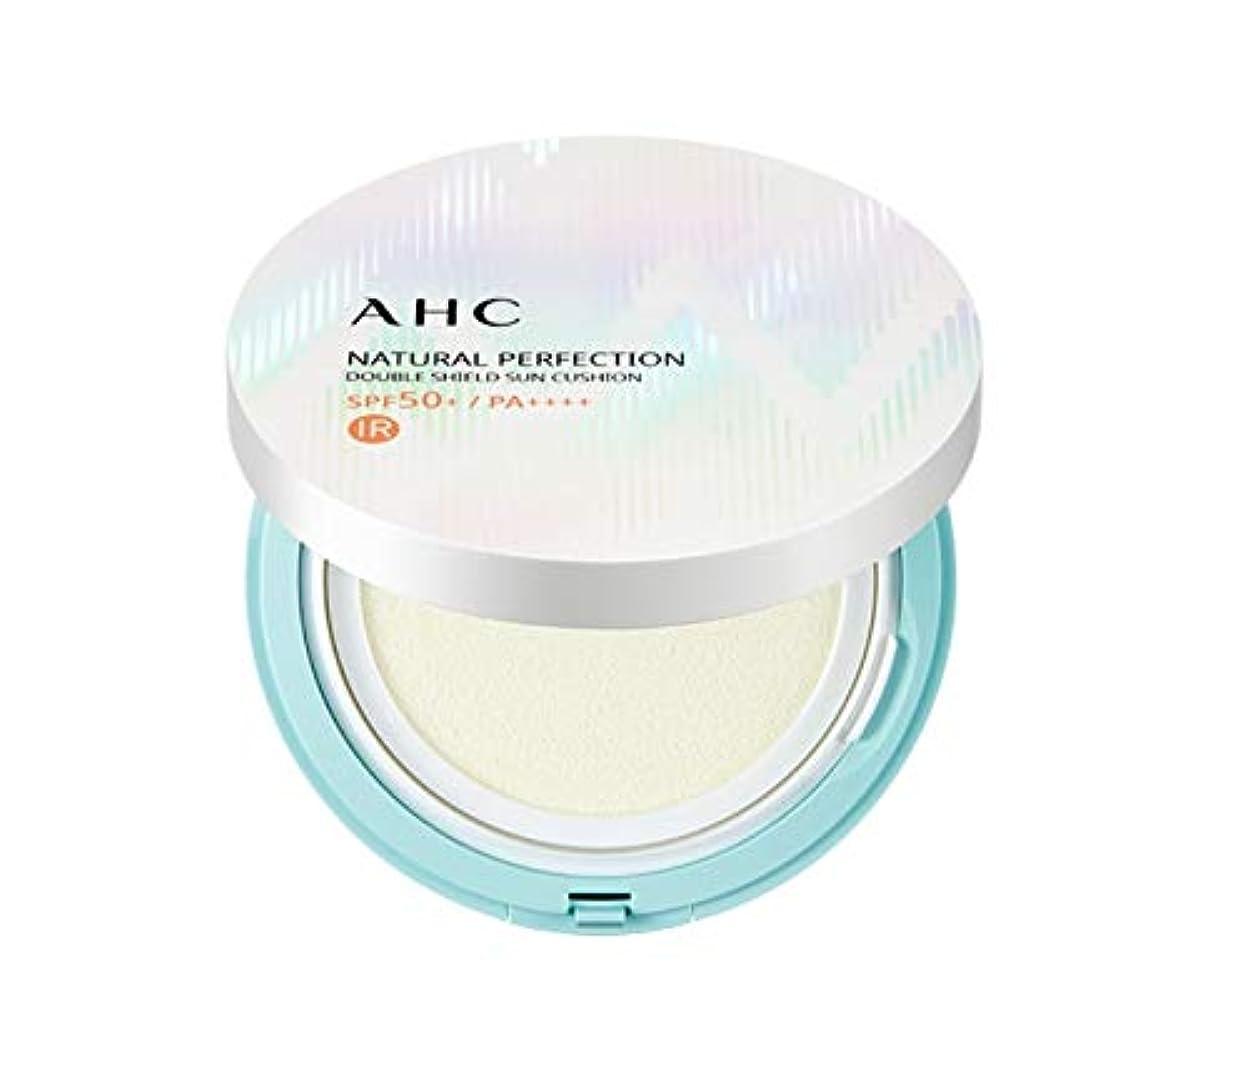 表面的な長老柱AHC ナチュラルパーフェクションダブルシールド線クッション ホワイト 25g / AHC NATURAL PERFECTION DOUBLE SHIELD SUN CUSHION WHITE [並行輸入品]